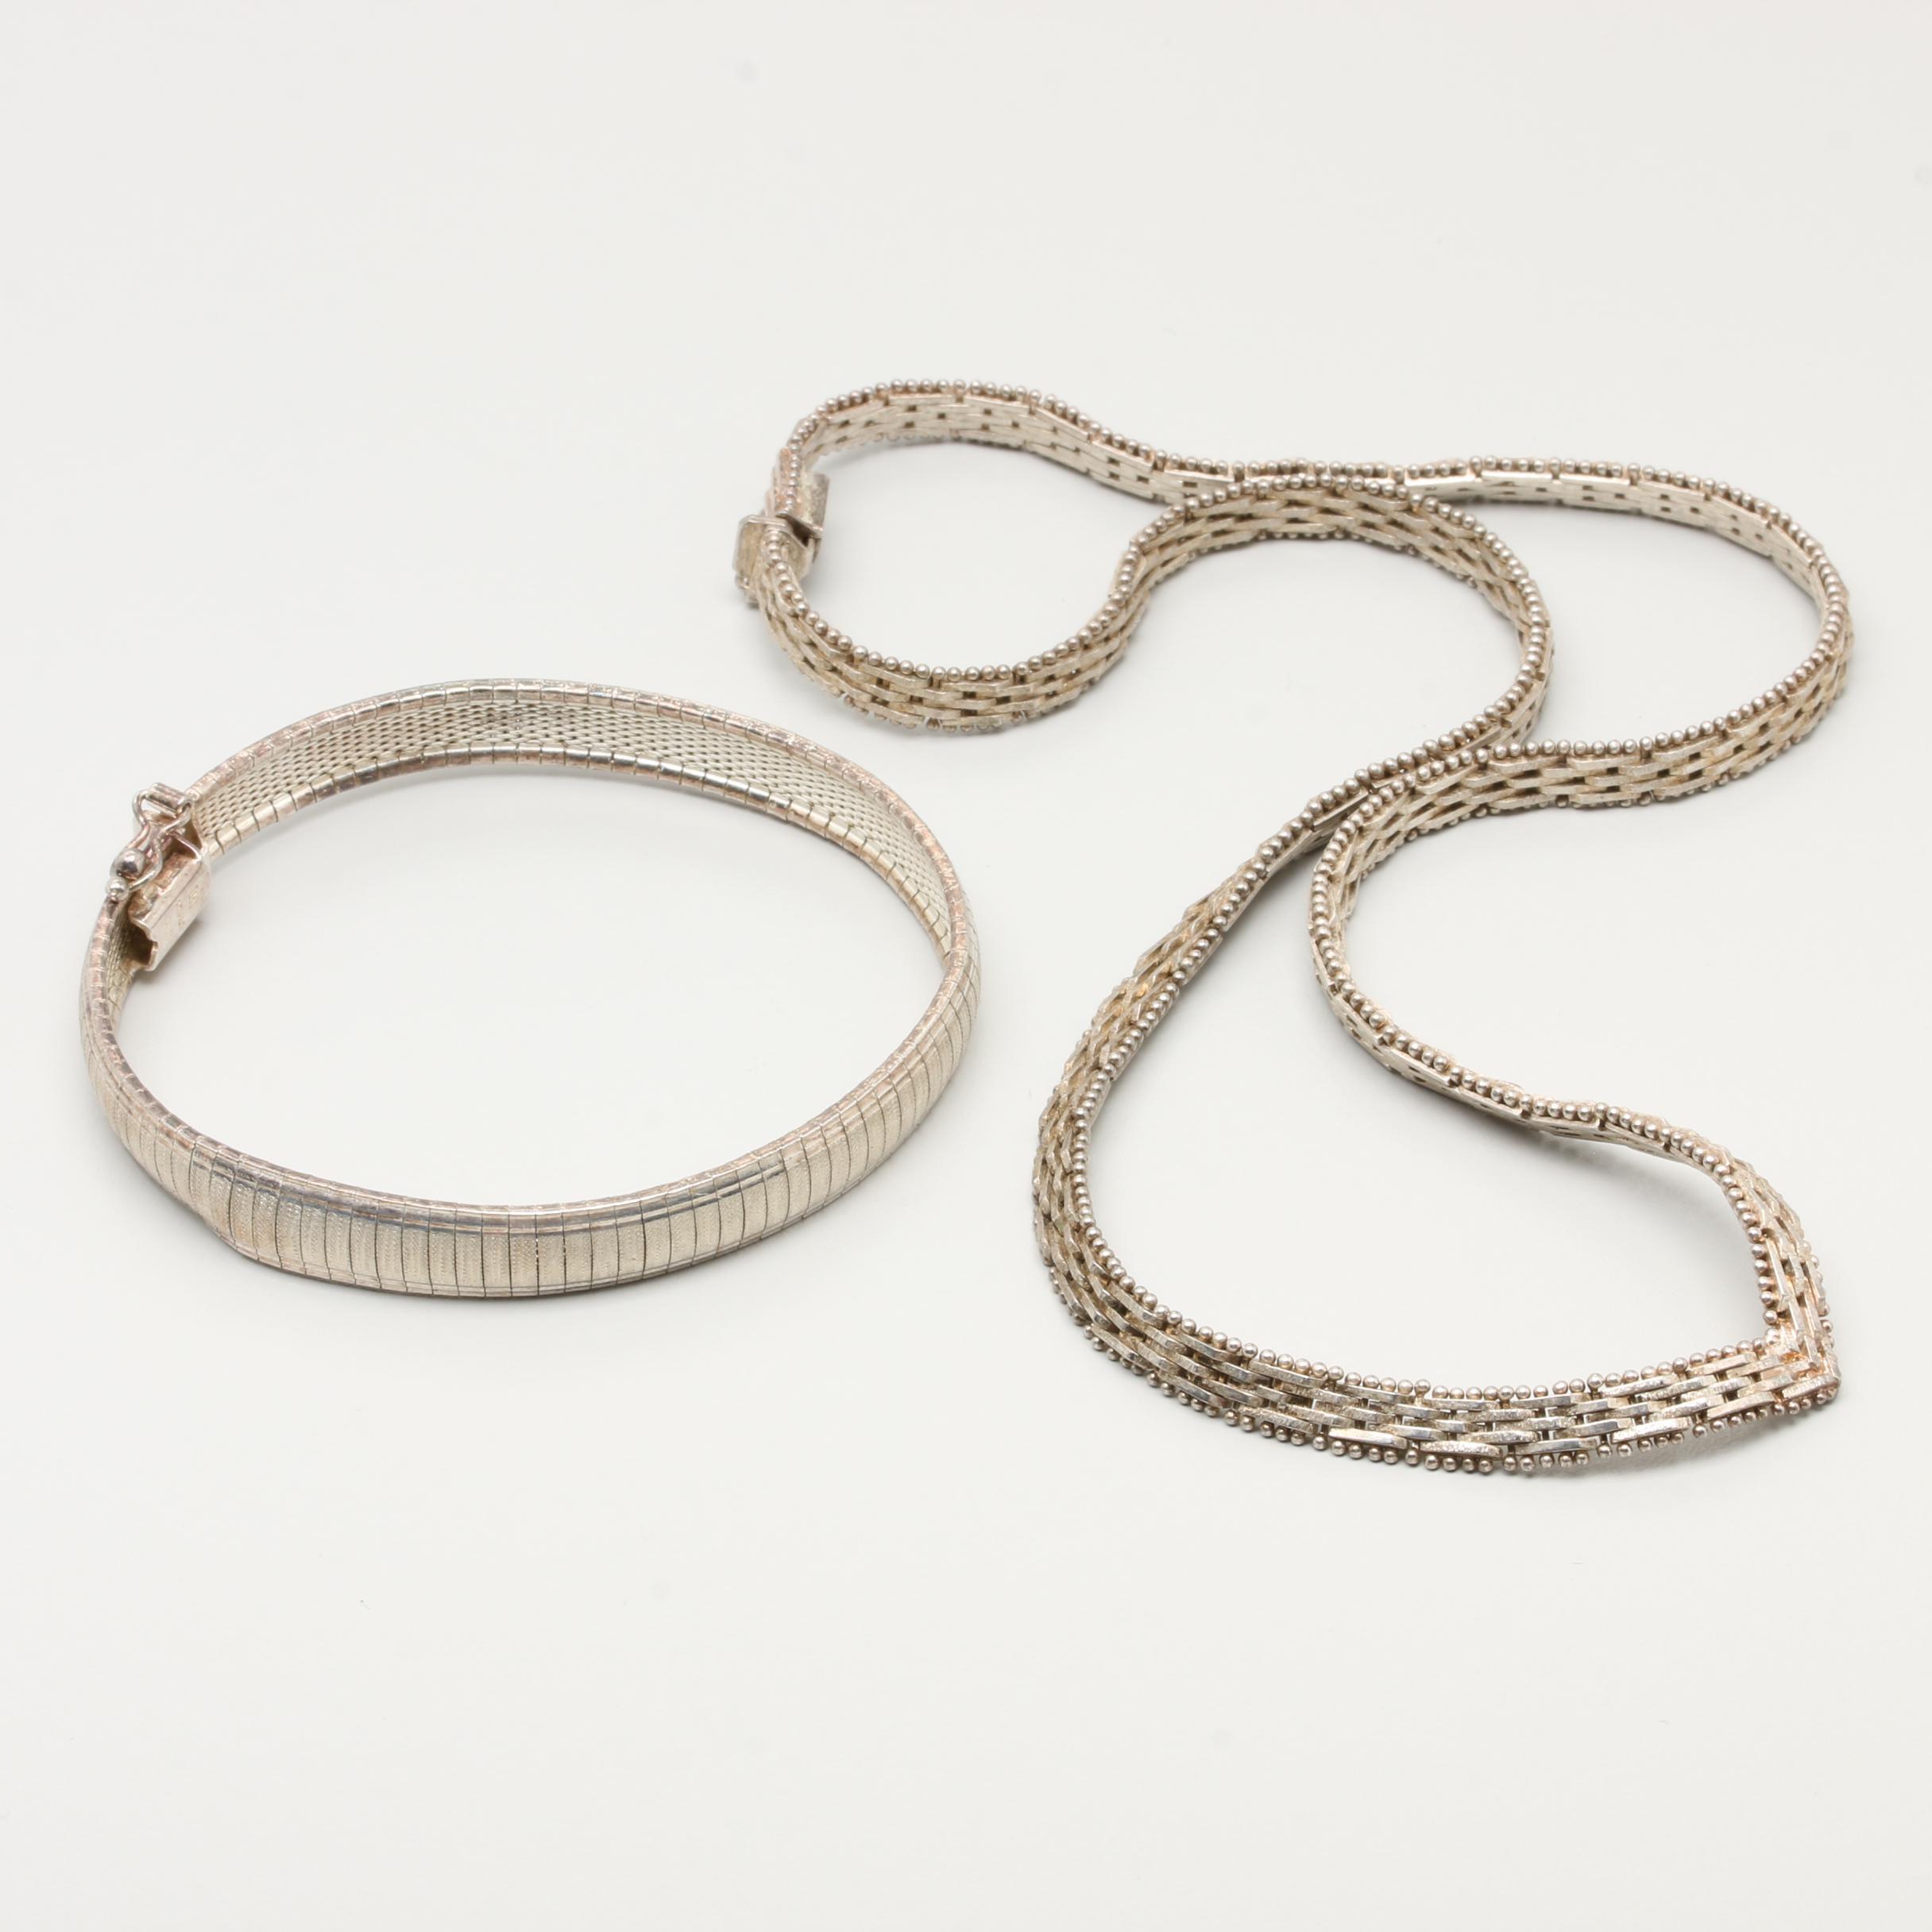 Sterling Silver Custom Link Bracelet and Necklace